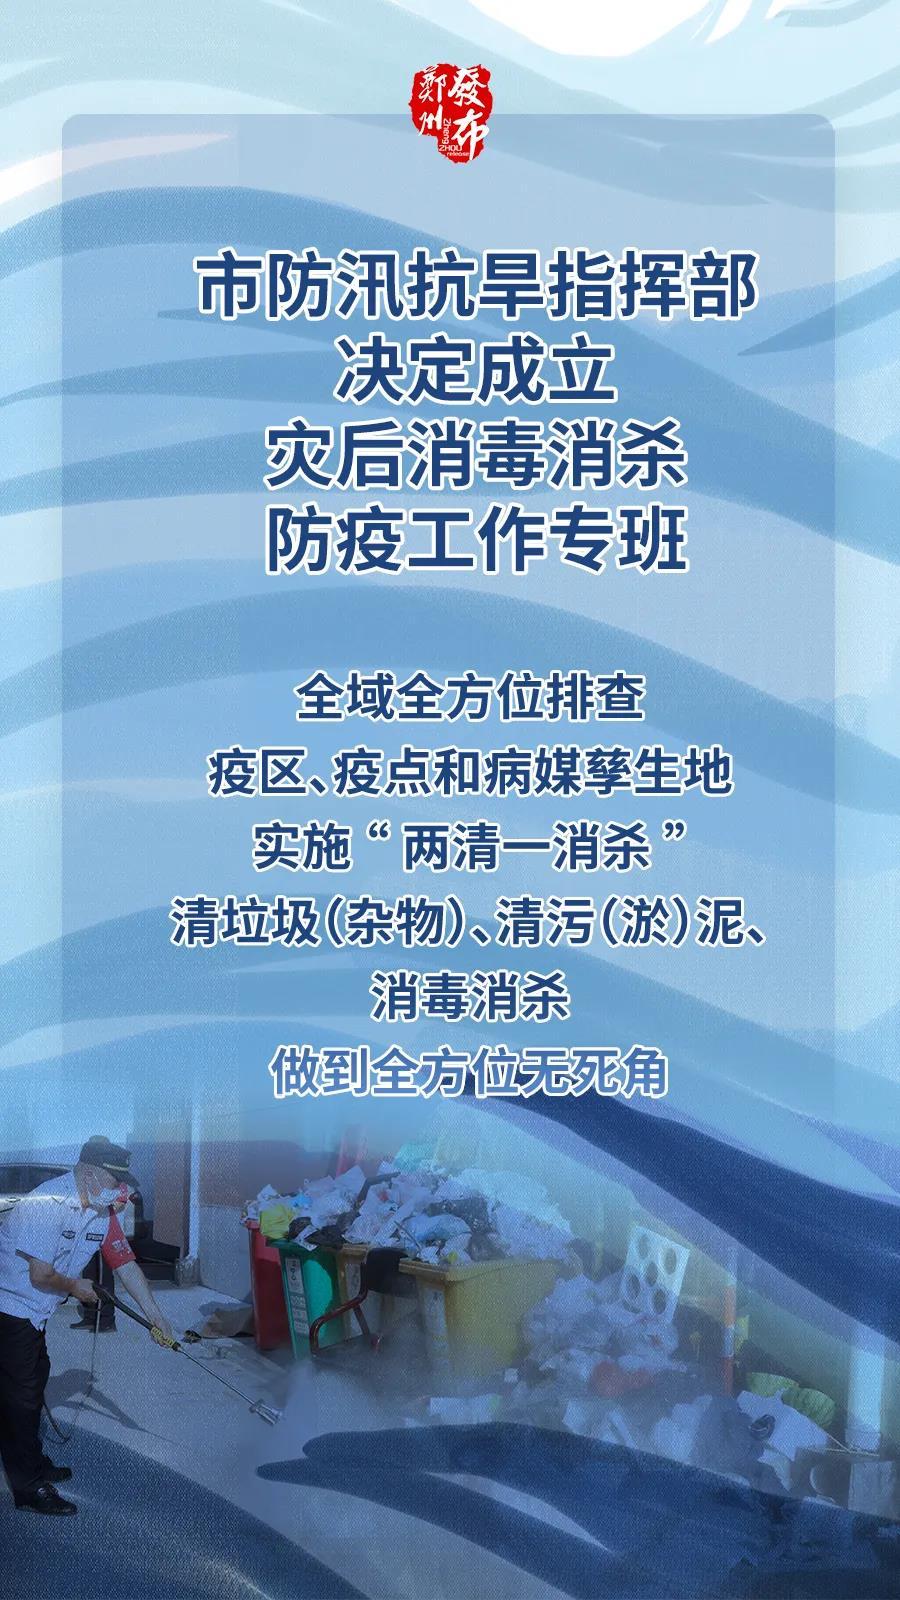 """全方位无死角!郑州市全面开展灾后""""两清一消杀"""""""